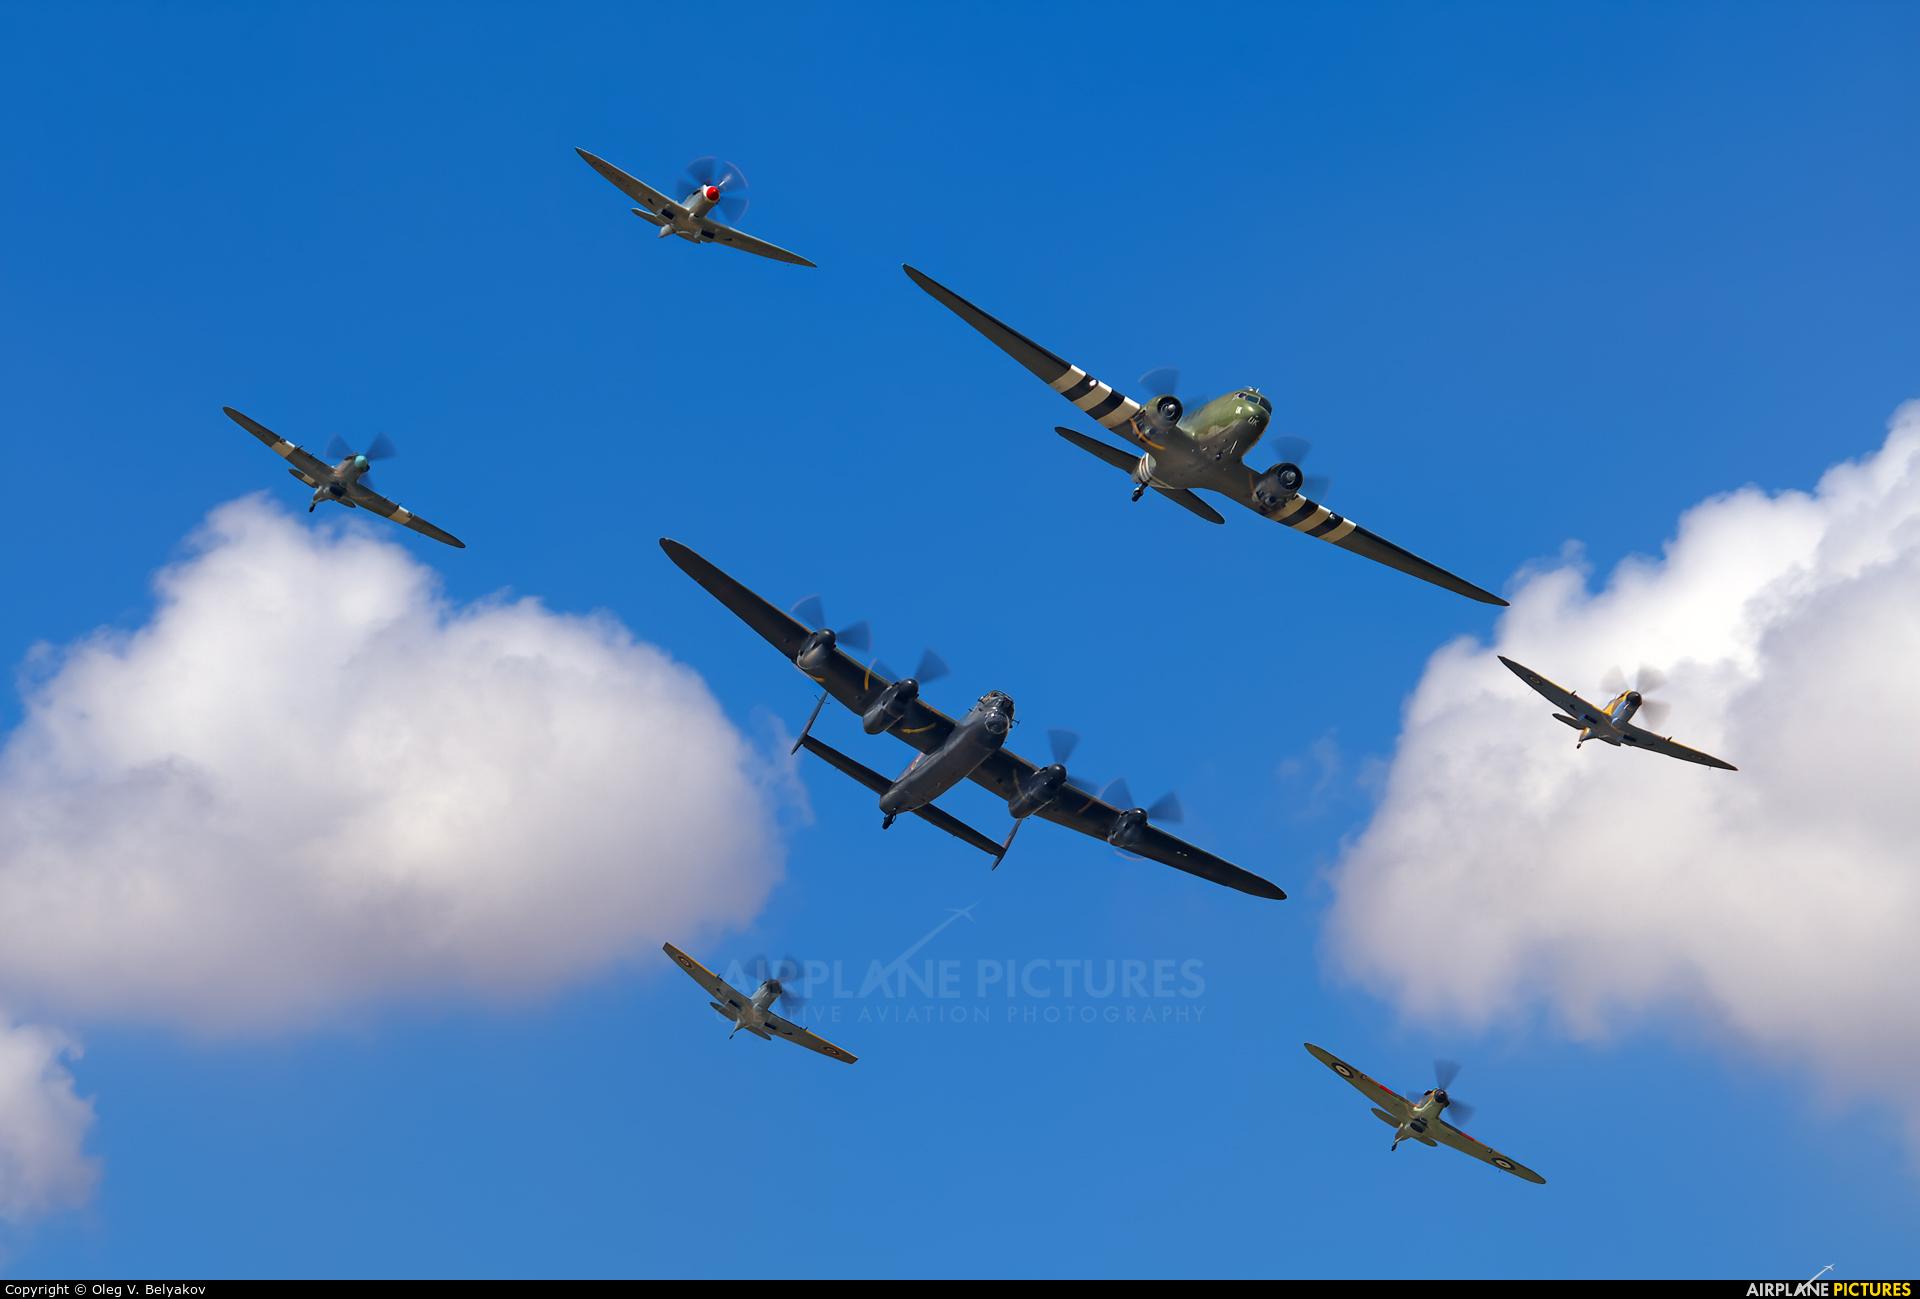 """Royal Air Force """"Battle of Britain Memorial Flight"""" PA474 aircraft at Fairford"""